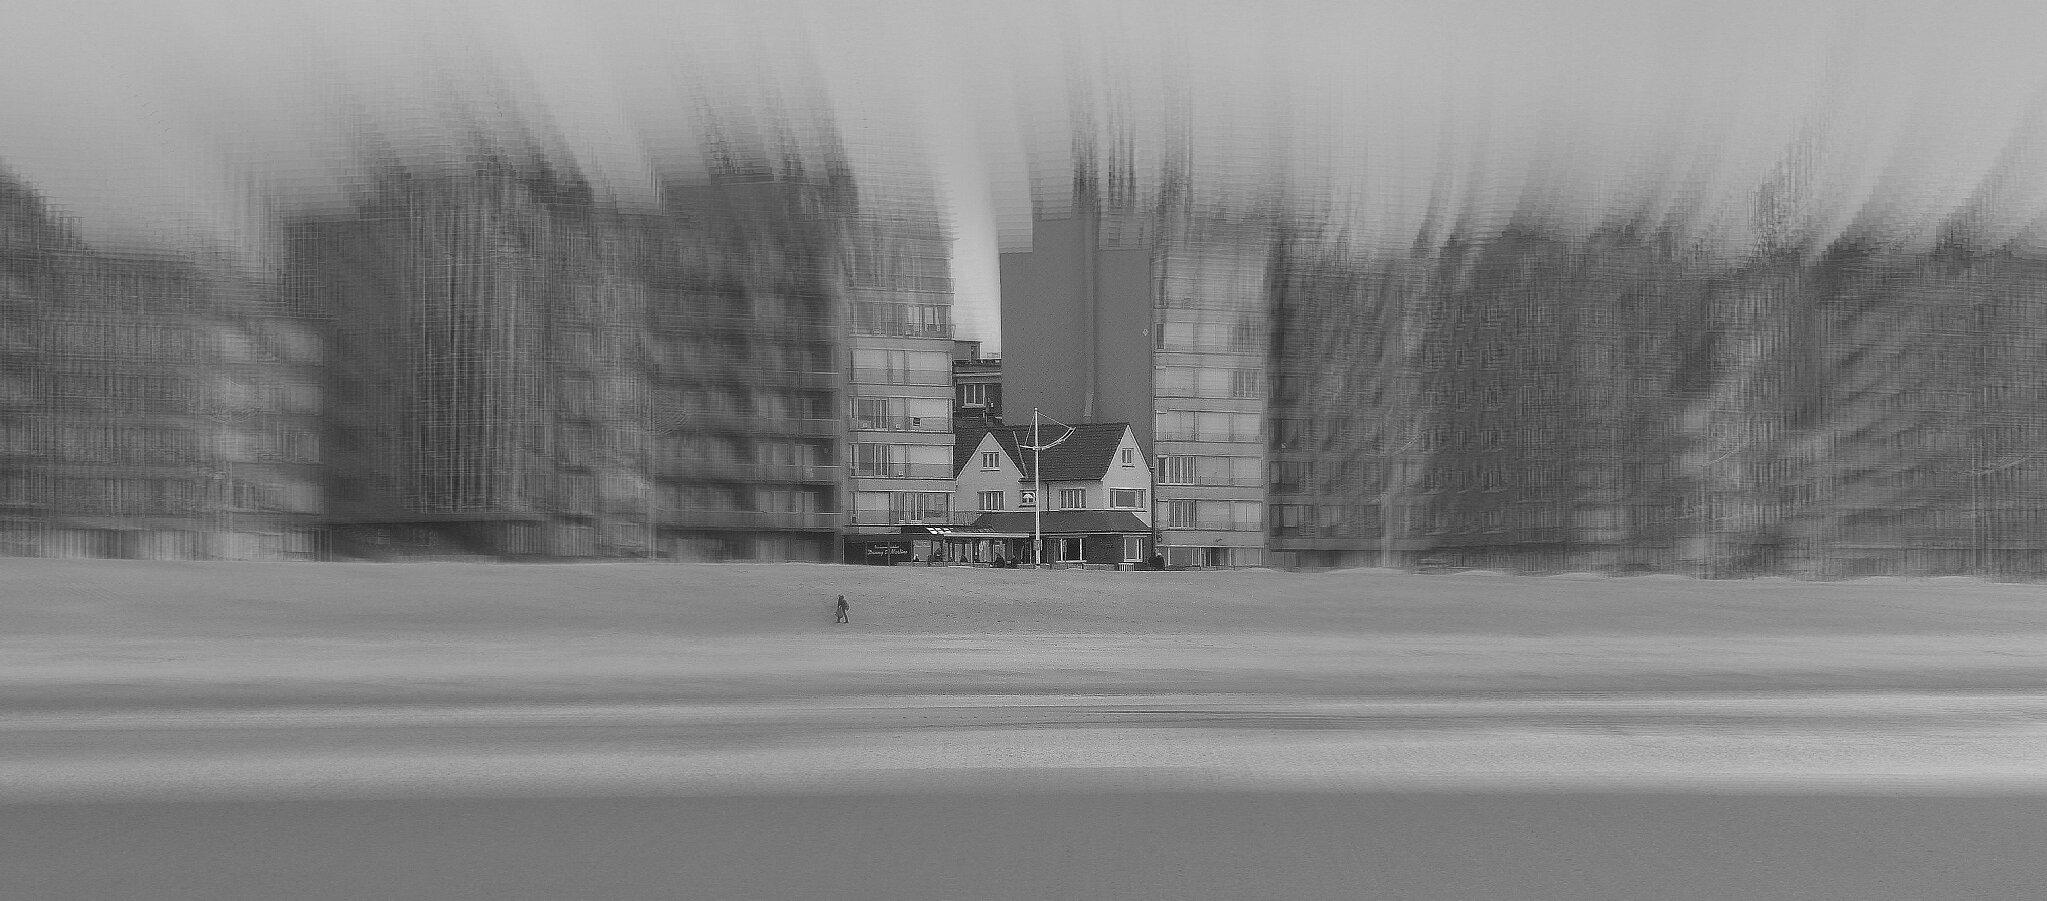 LA MER samedi 28 mars tempete ai quasiment raté toutes les photos(84)-007